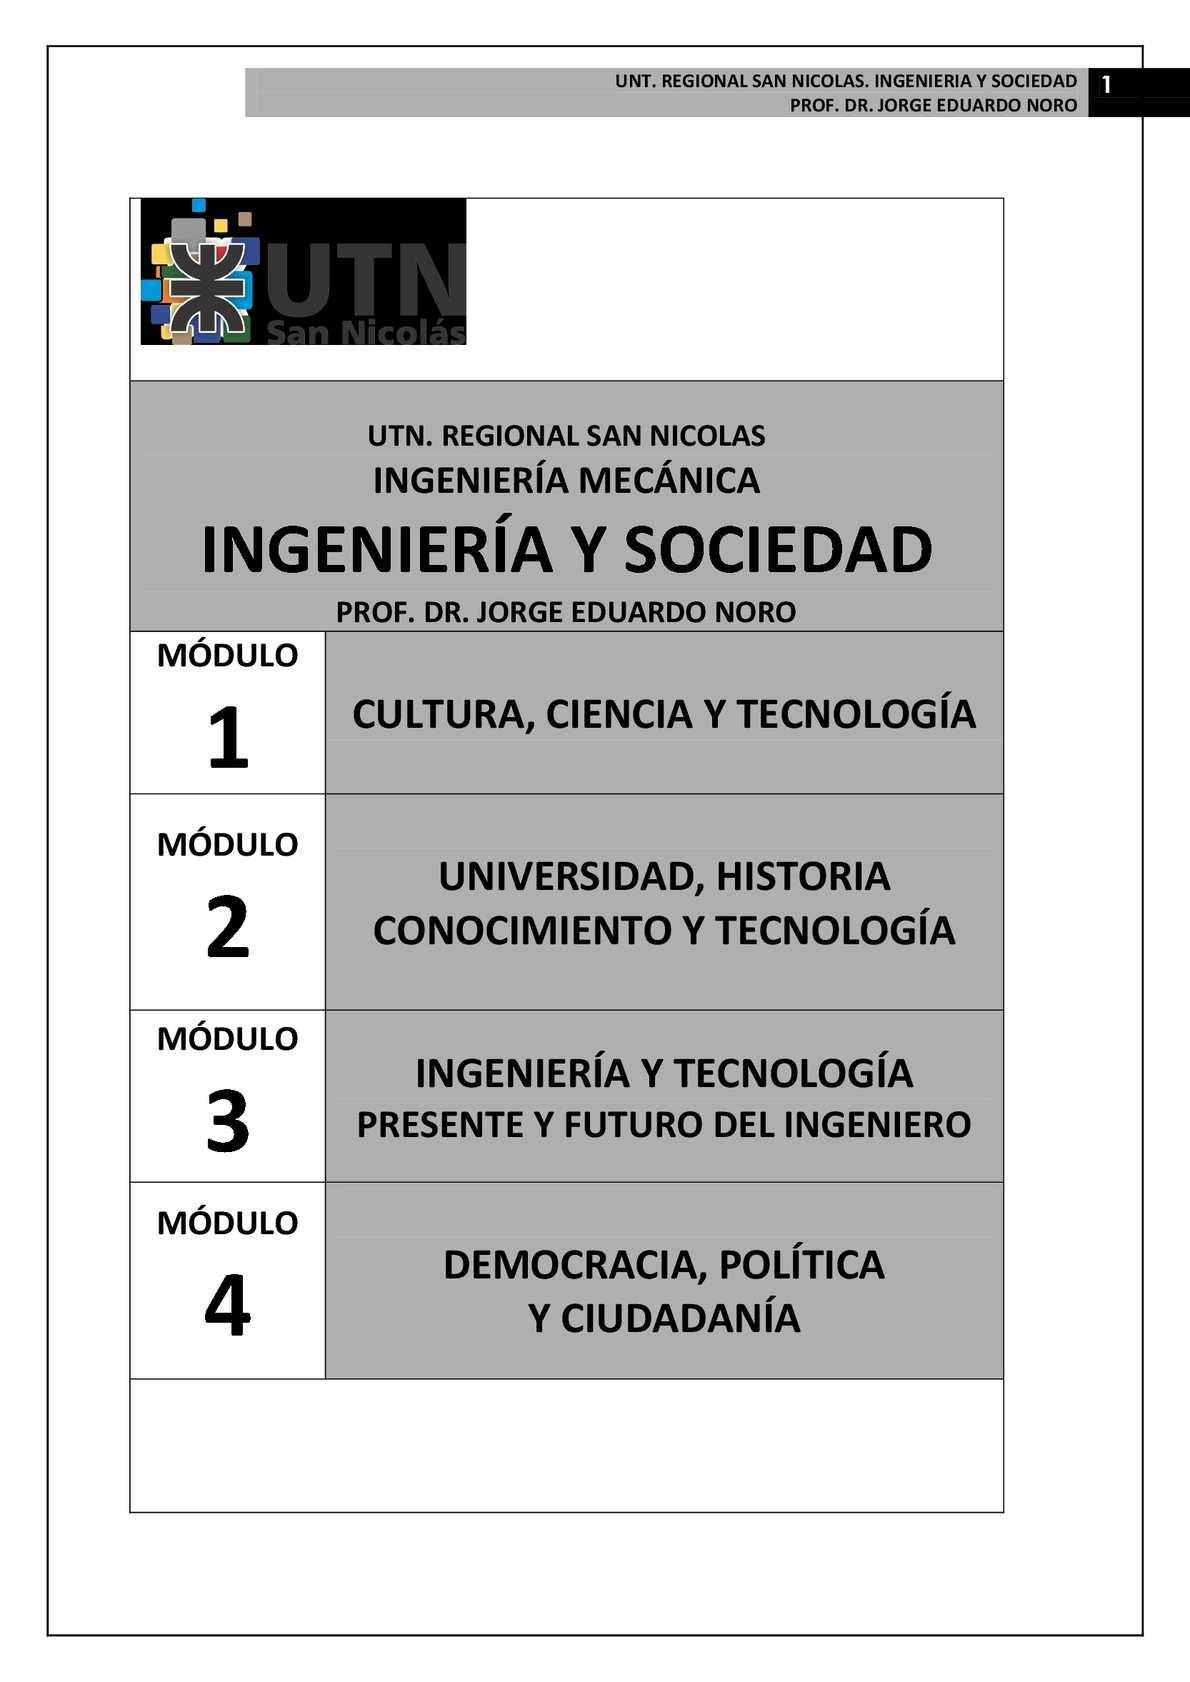 Calaméo - 175. CULTURA Y CIENCIA, TECNOLOGIA Y UNIVERSIDAD ...